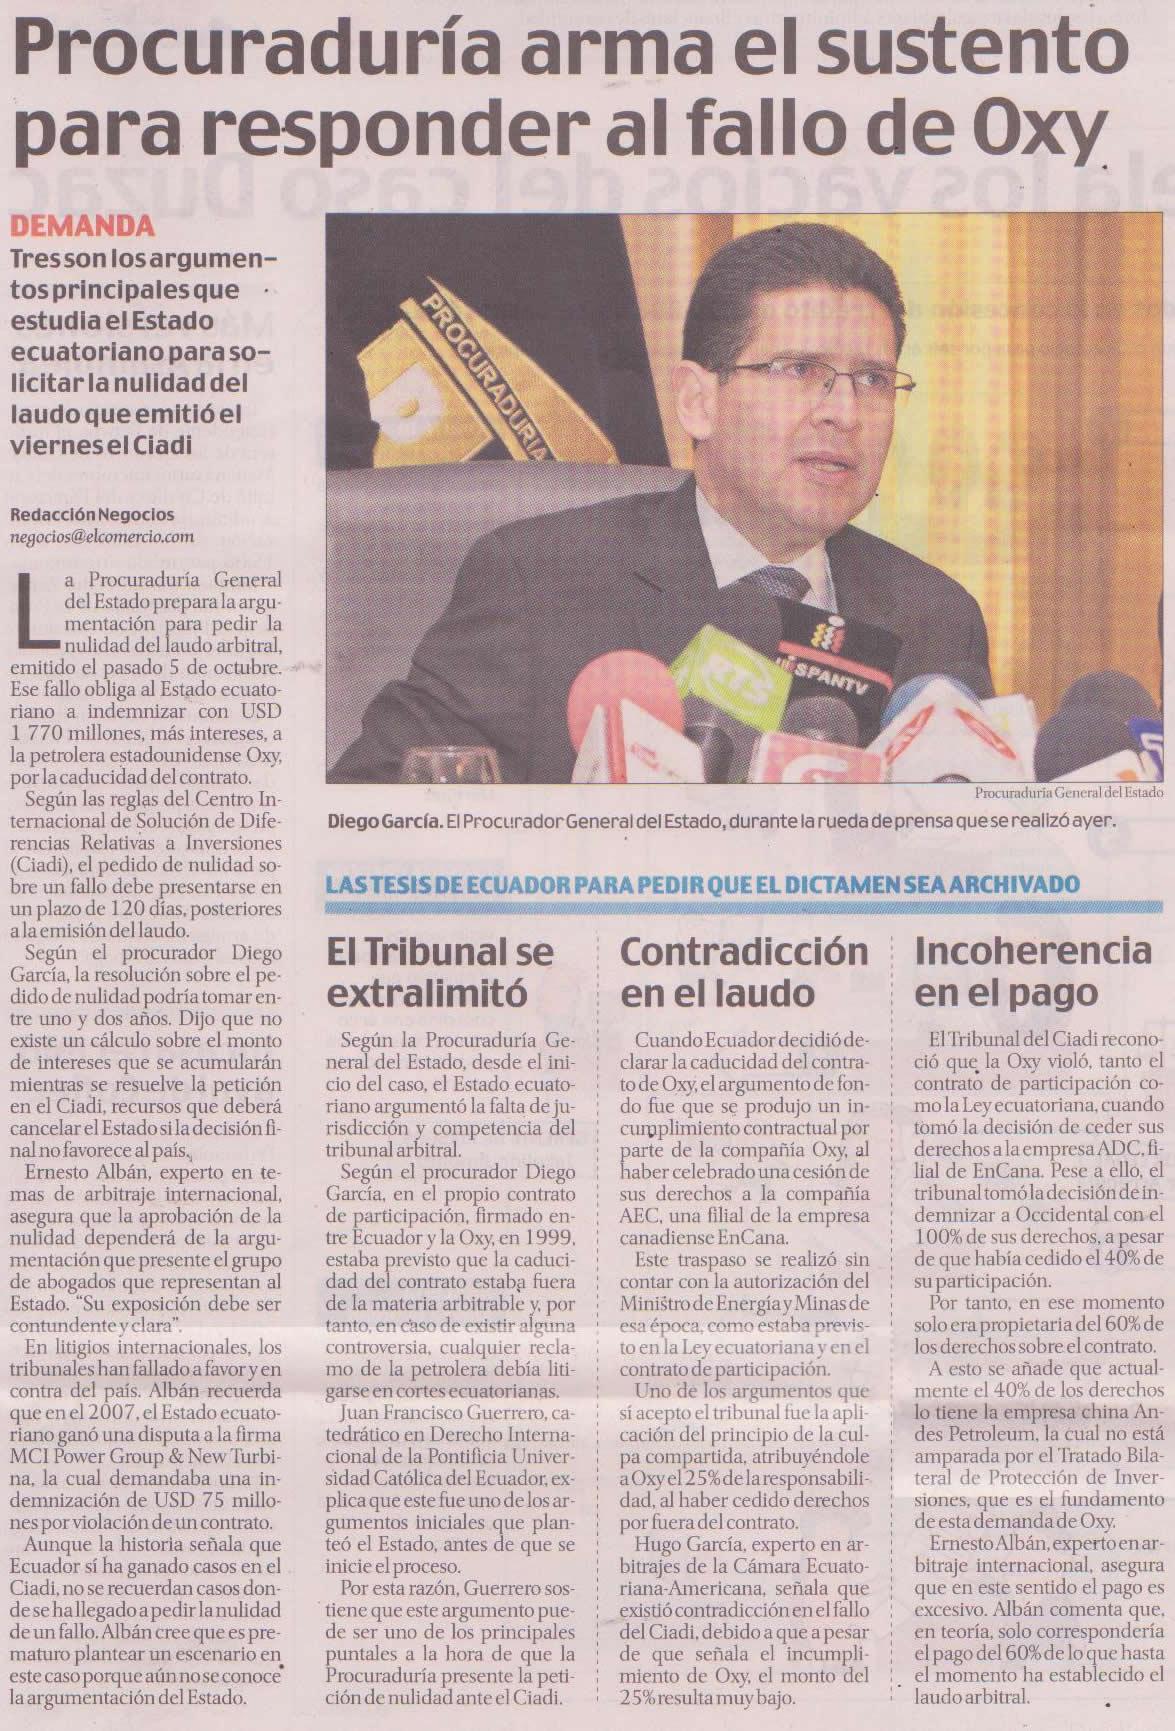 63-El Comercio, Procuraduria arma el sustento para responder al fallo de Oxy 09 10